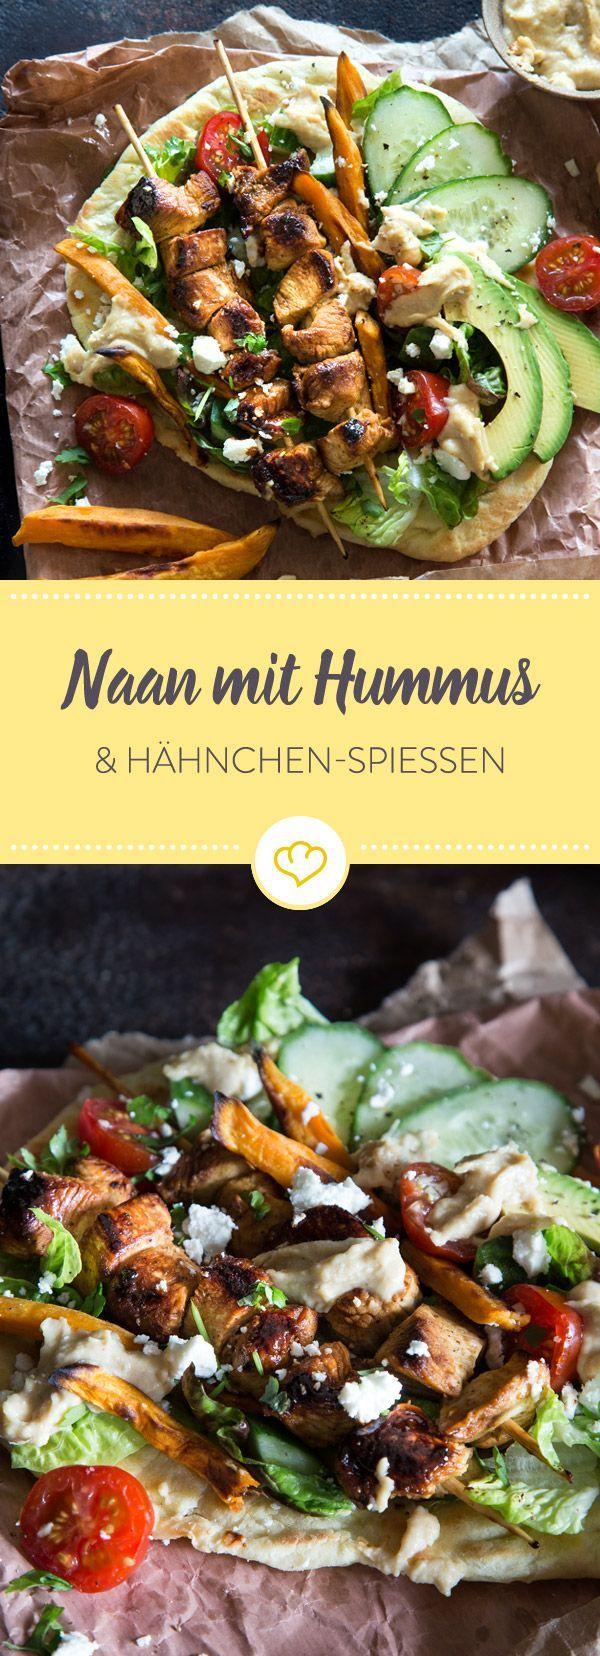 Die Basis des guten Geschmacks liefert frisches Naan-Fladenbrot aus der Pfanne. Es folgen Schichten von Hummus, Salat, Tomaten, Gurke, Avocado und Feta.